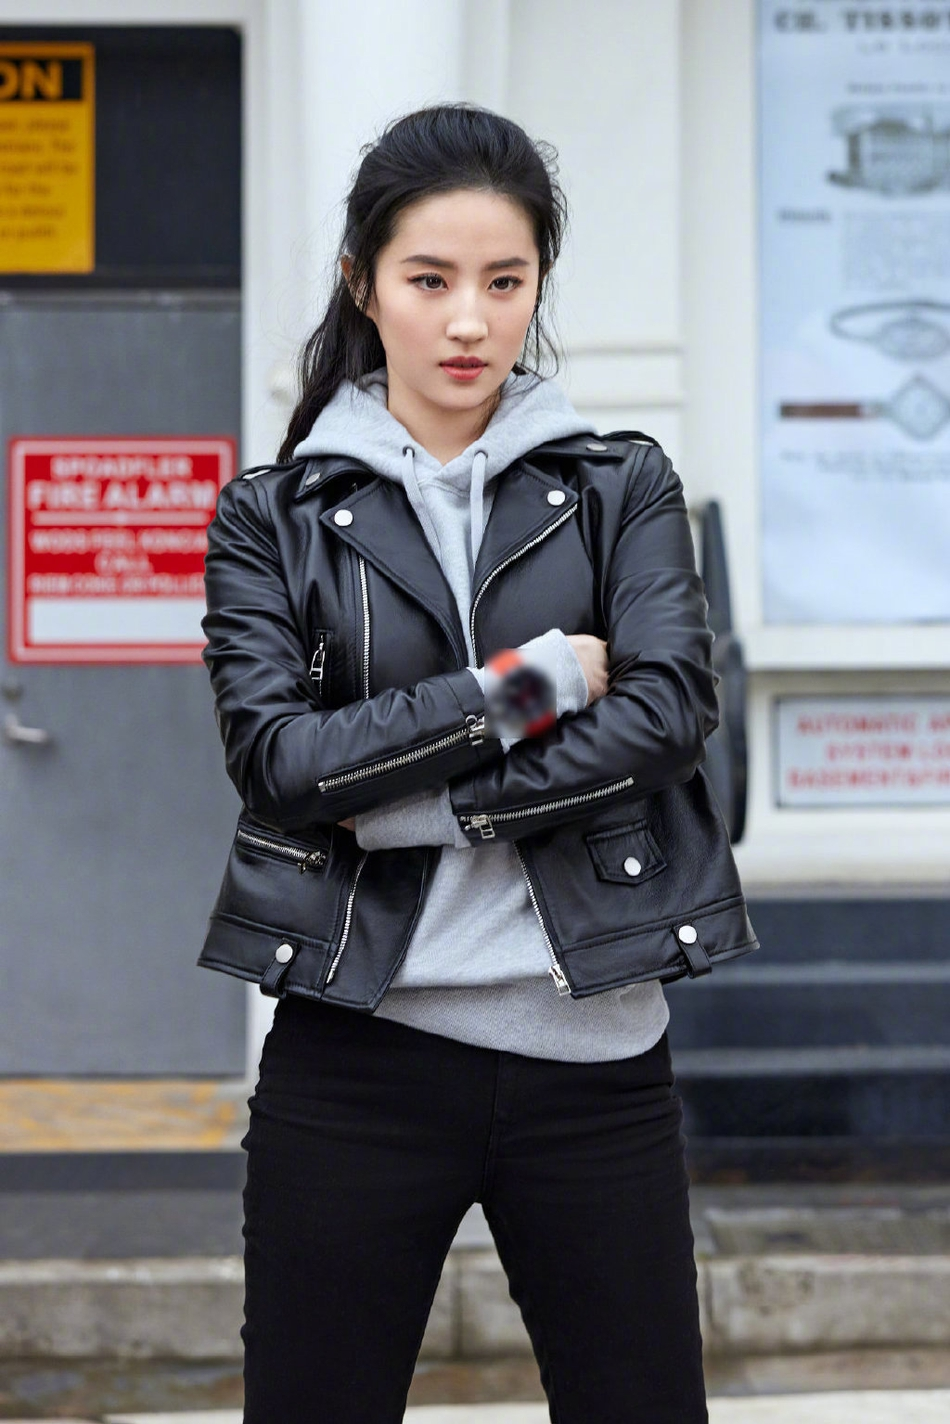 《【摩鑫娱乐登陆注册】刘亦菲最新街拍造型 酷帅有型!》